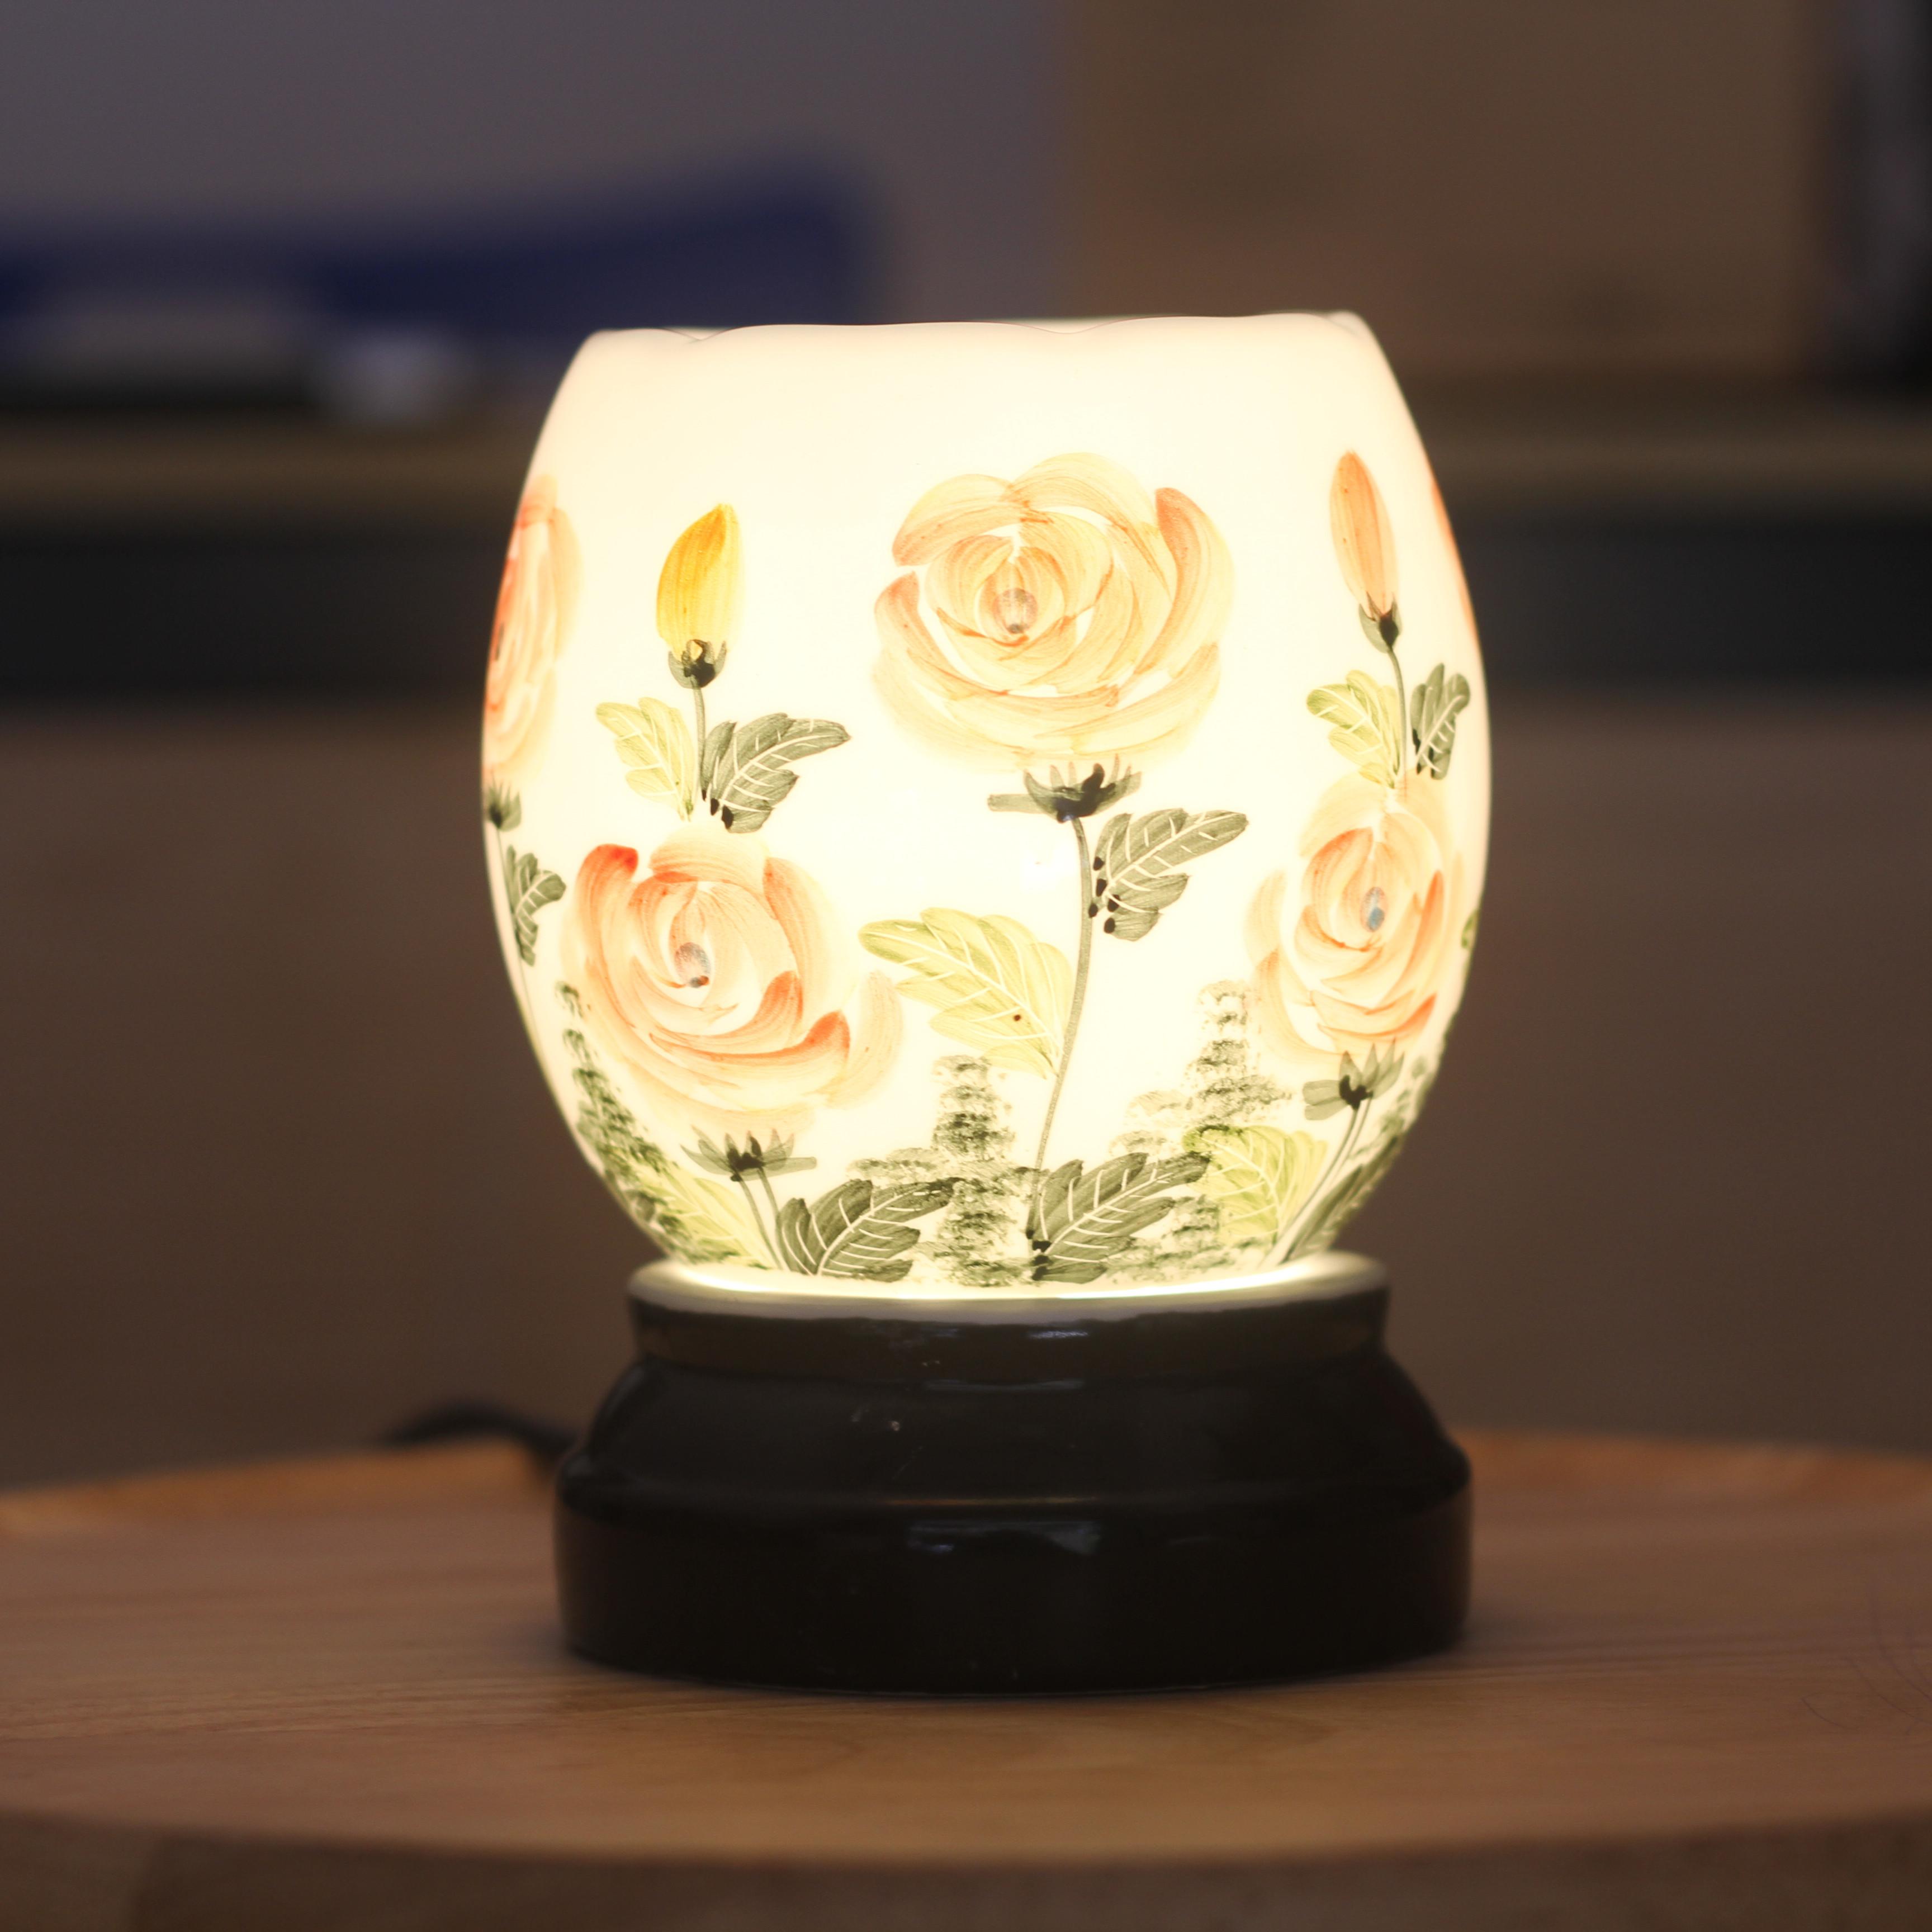 Đèn xông tinh dầu họa tiết hoa hồng sang trọng. Gốm sứ bát tràng cao cấp